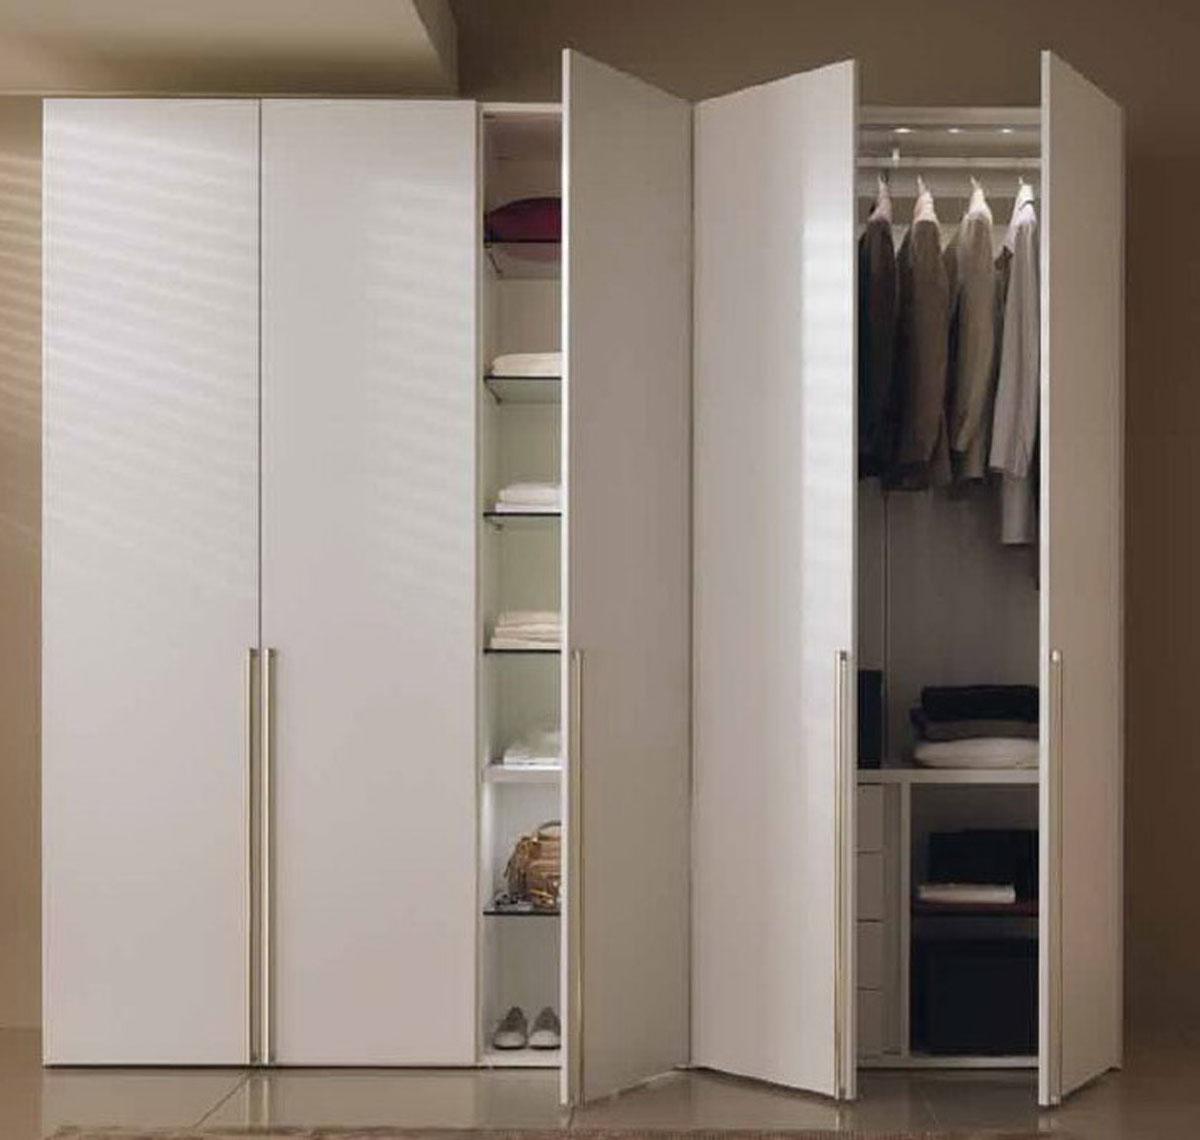 Двери для встроенного шкафа, разновидности и способы декора.